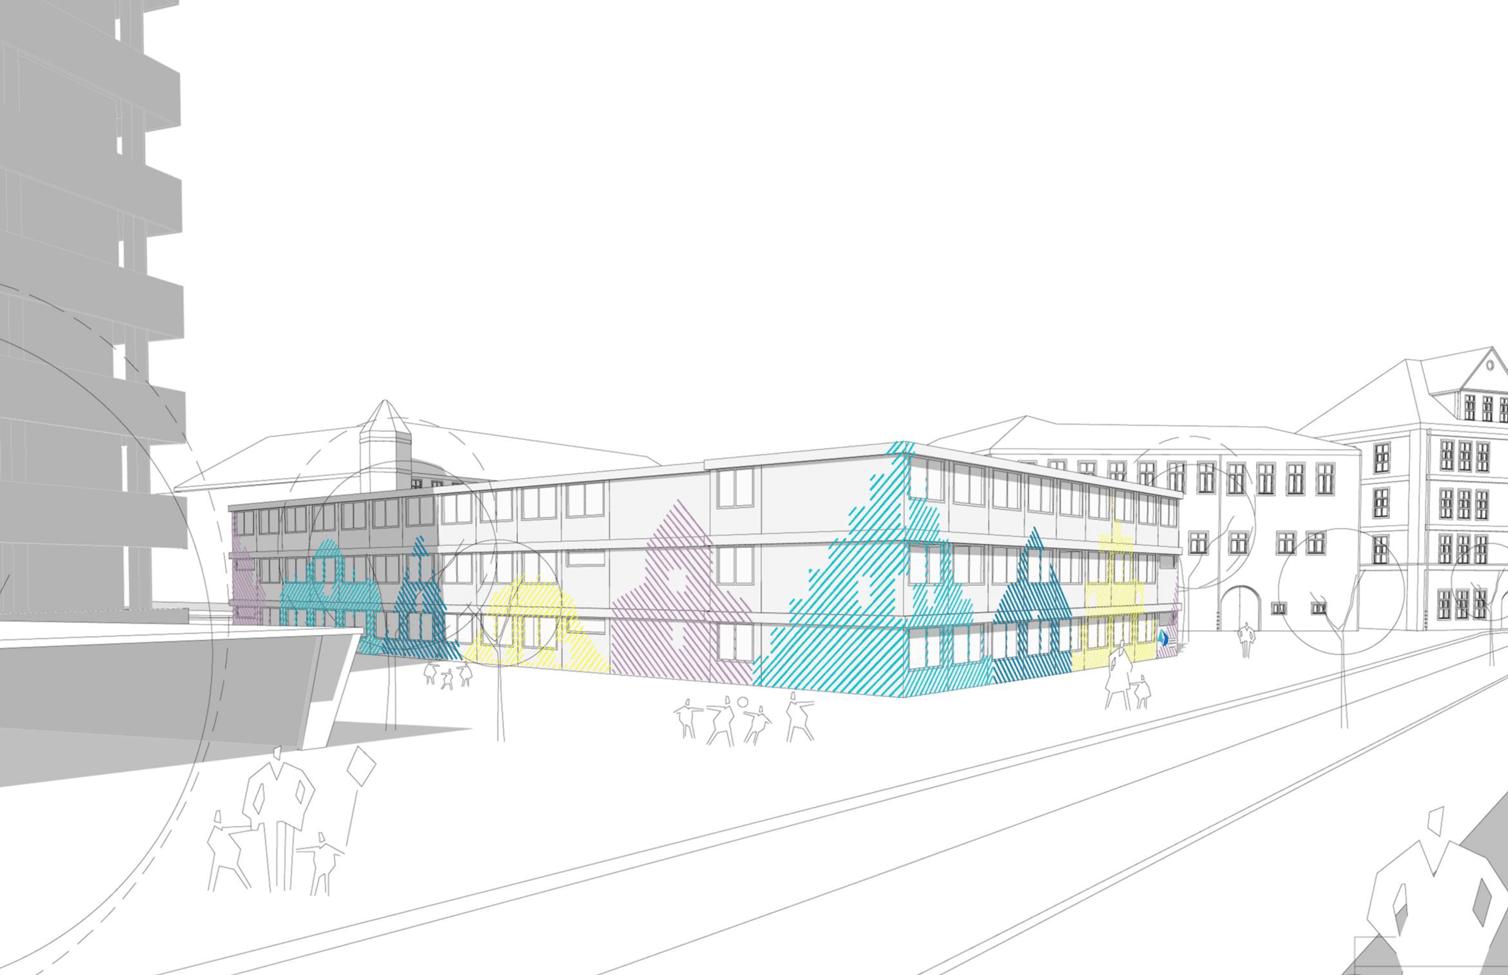 Vorkonzept für die Fassadengestaltung der Grundschule Ursulinen